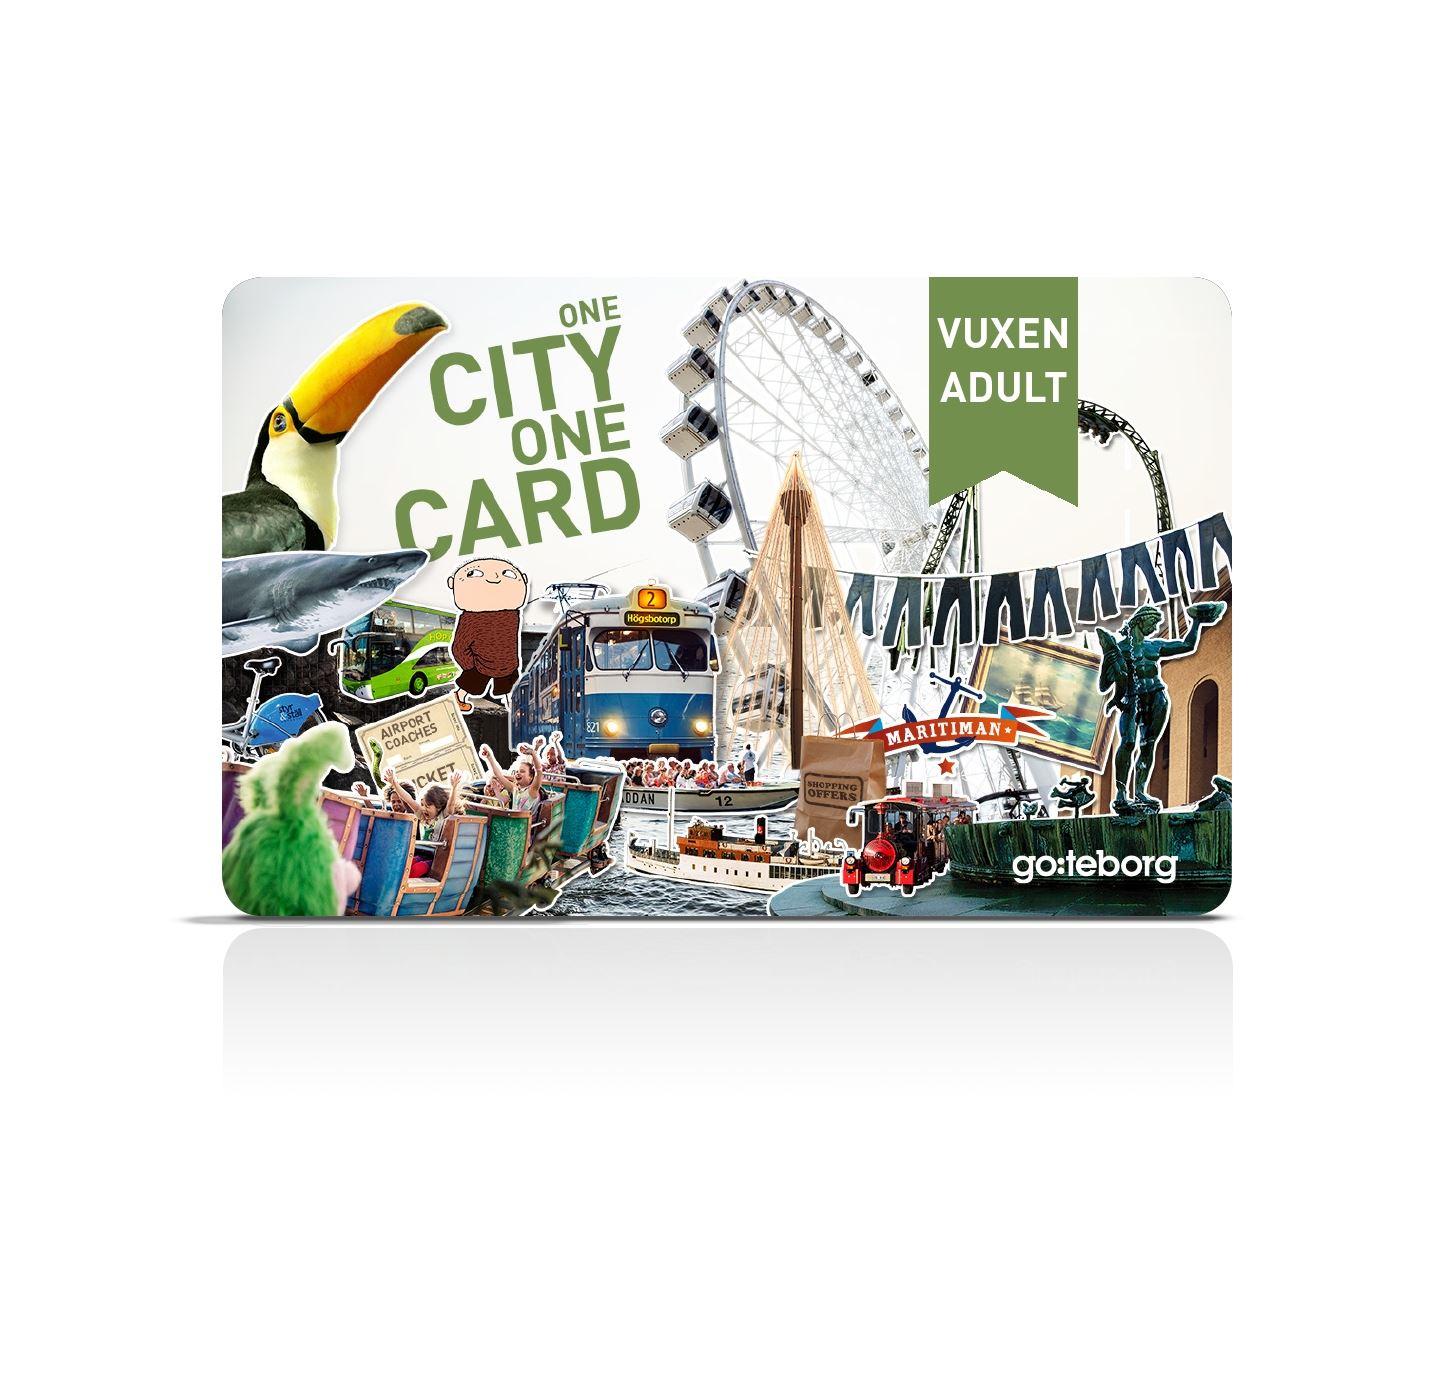 Göteborg City Card